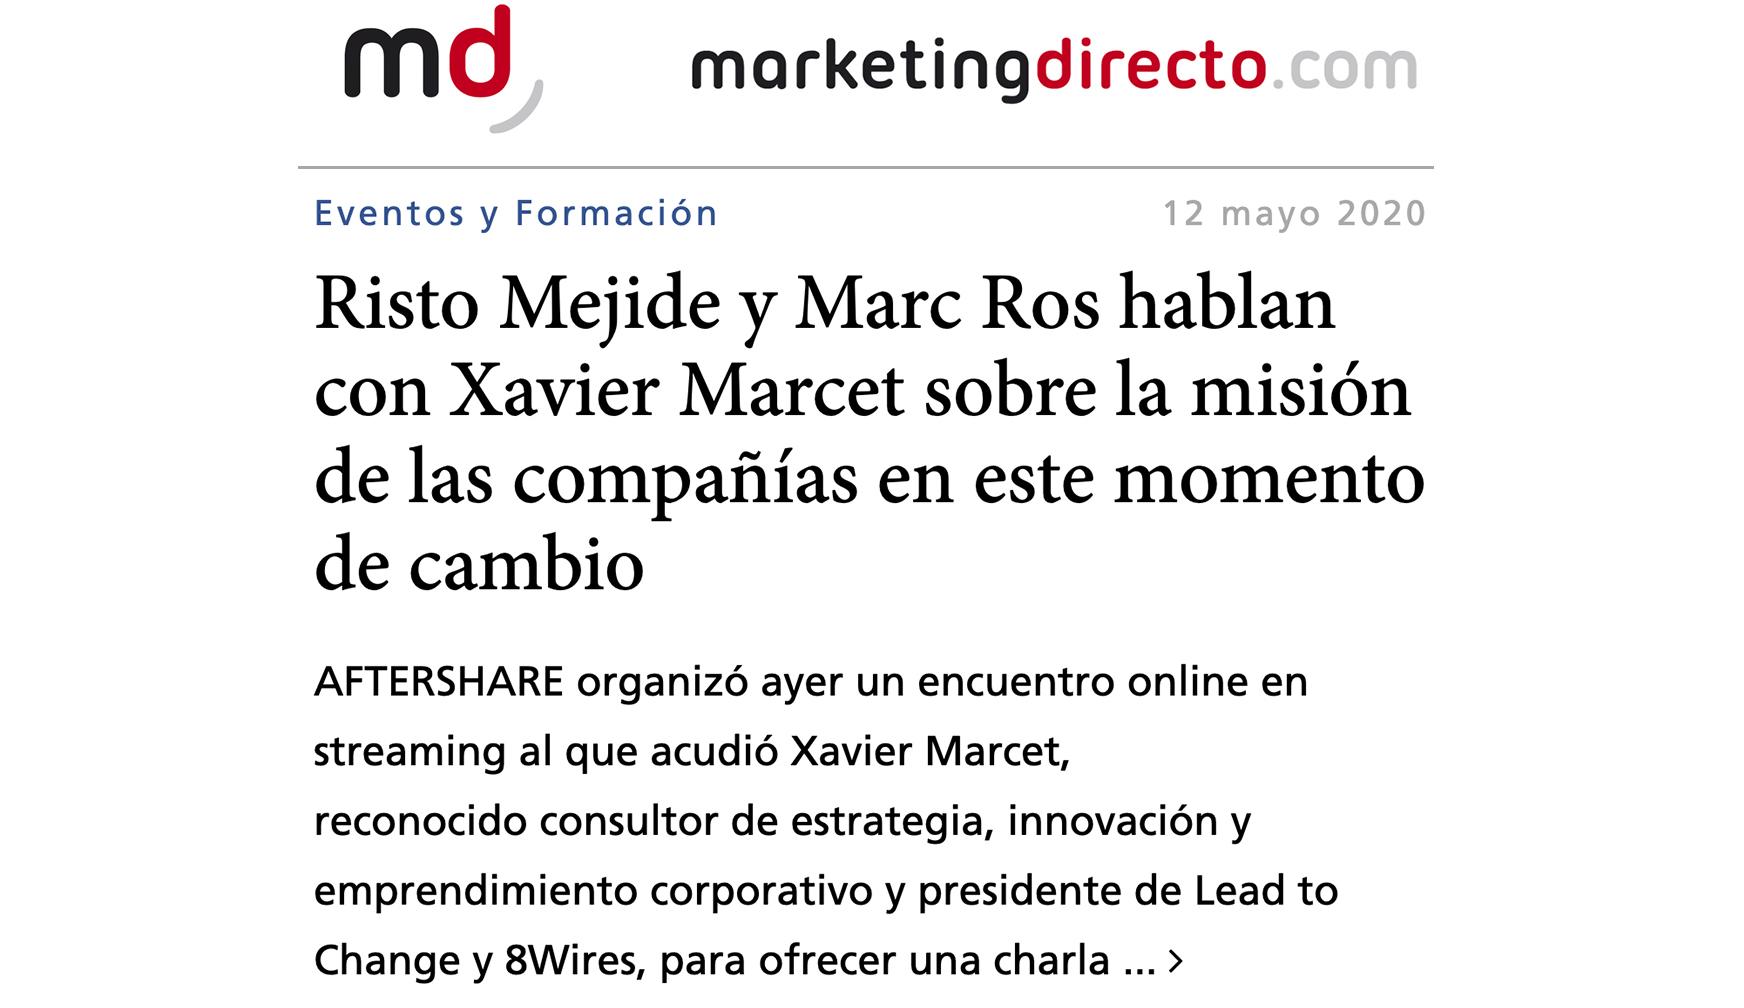 Marketing Directo – Risto Mejide y Marc Ros hablan con Xavier Marcet sobre la misión de las compañías en este momento de cambio